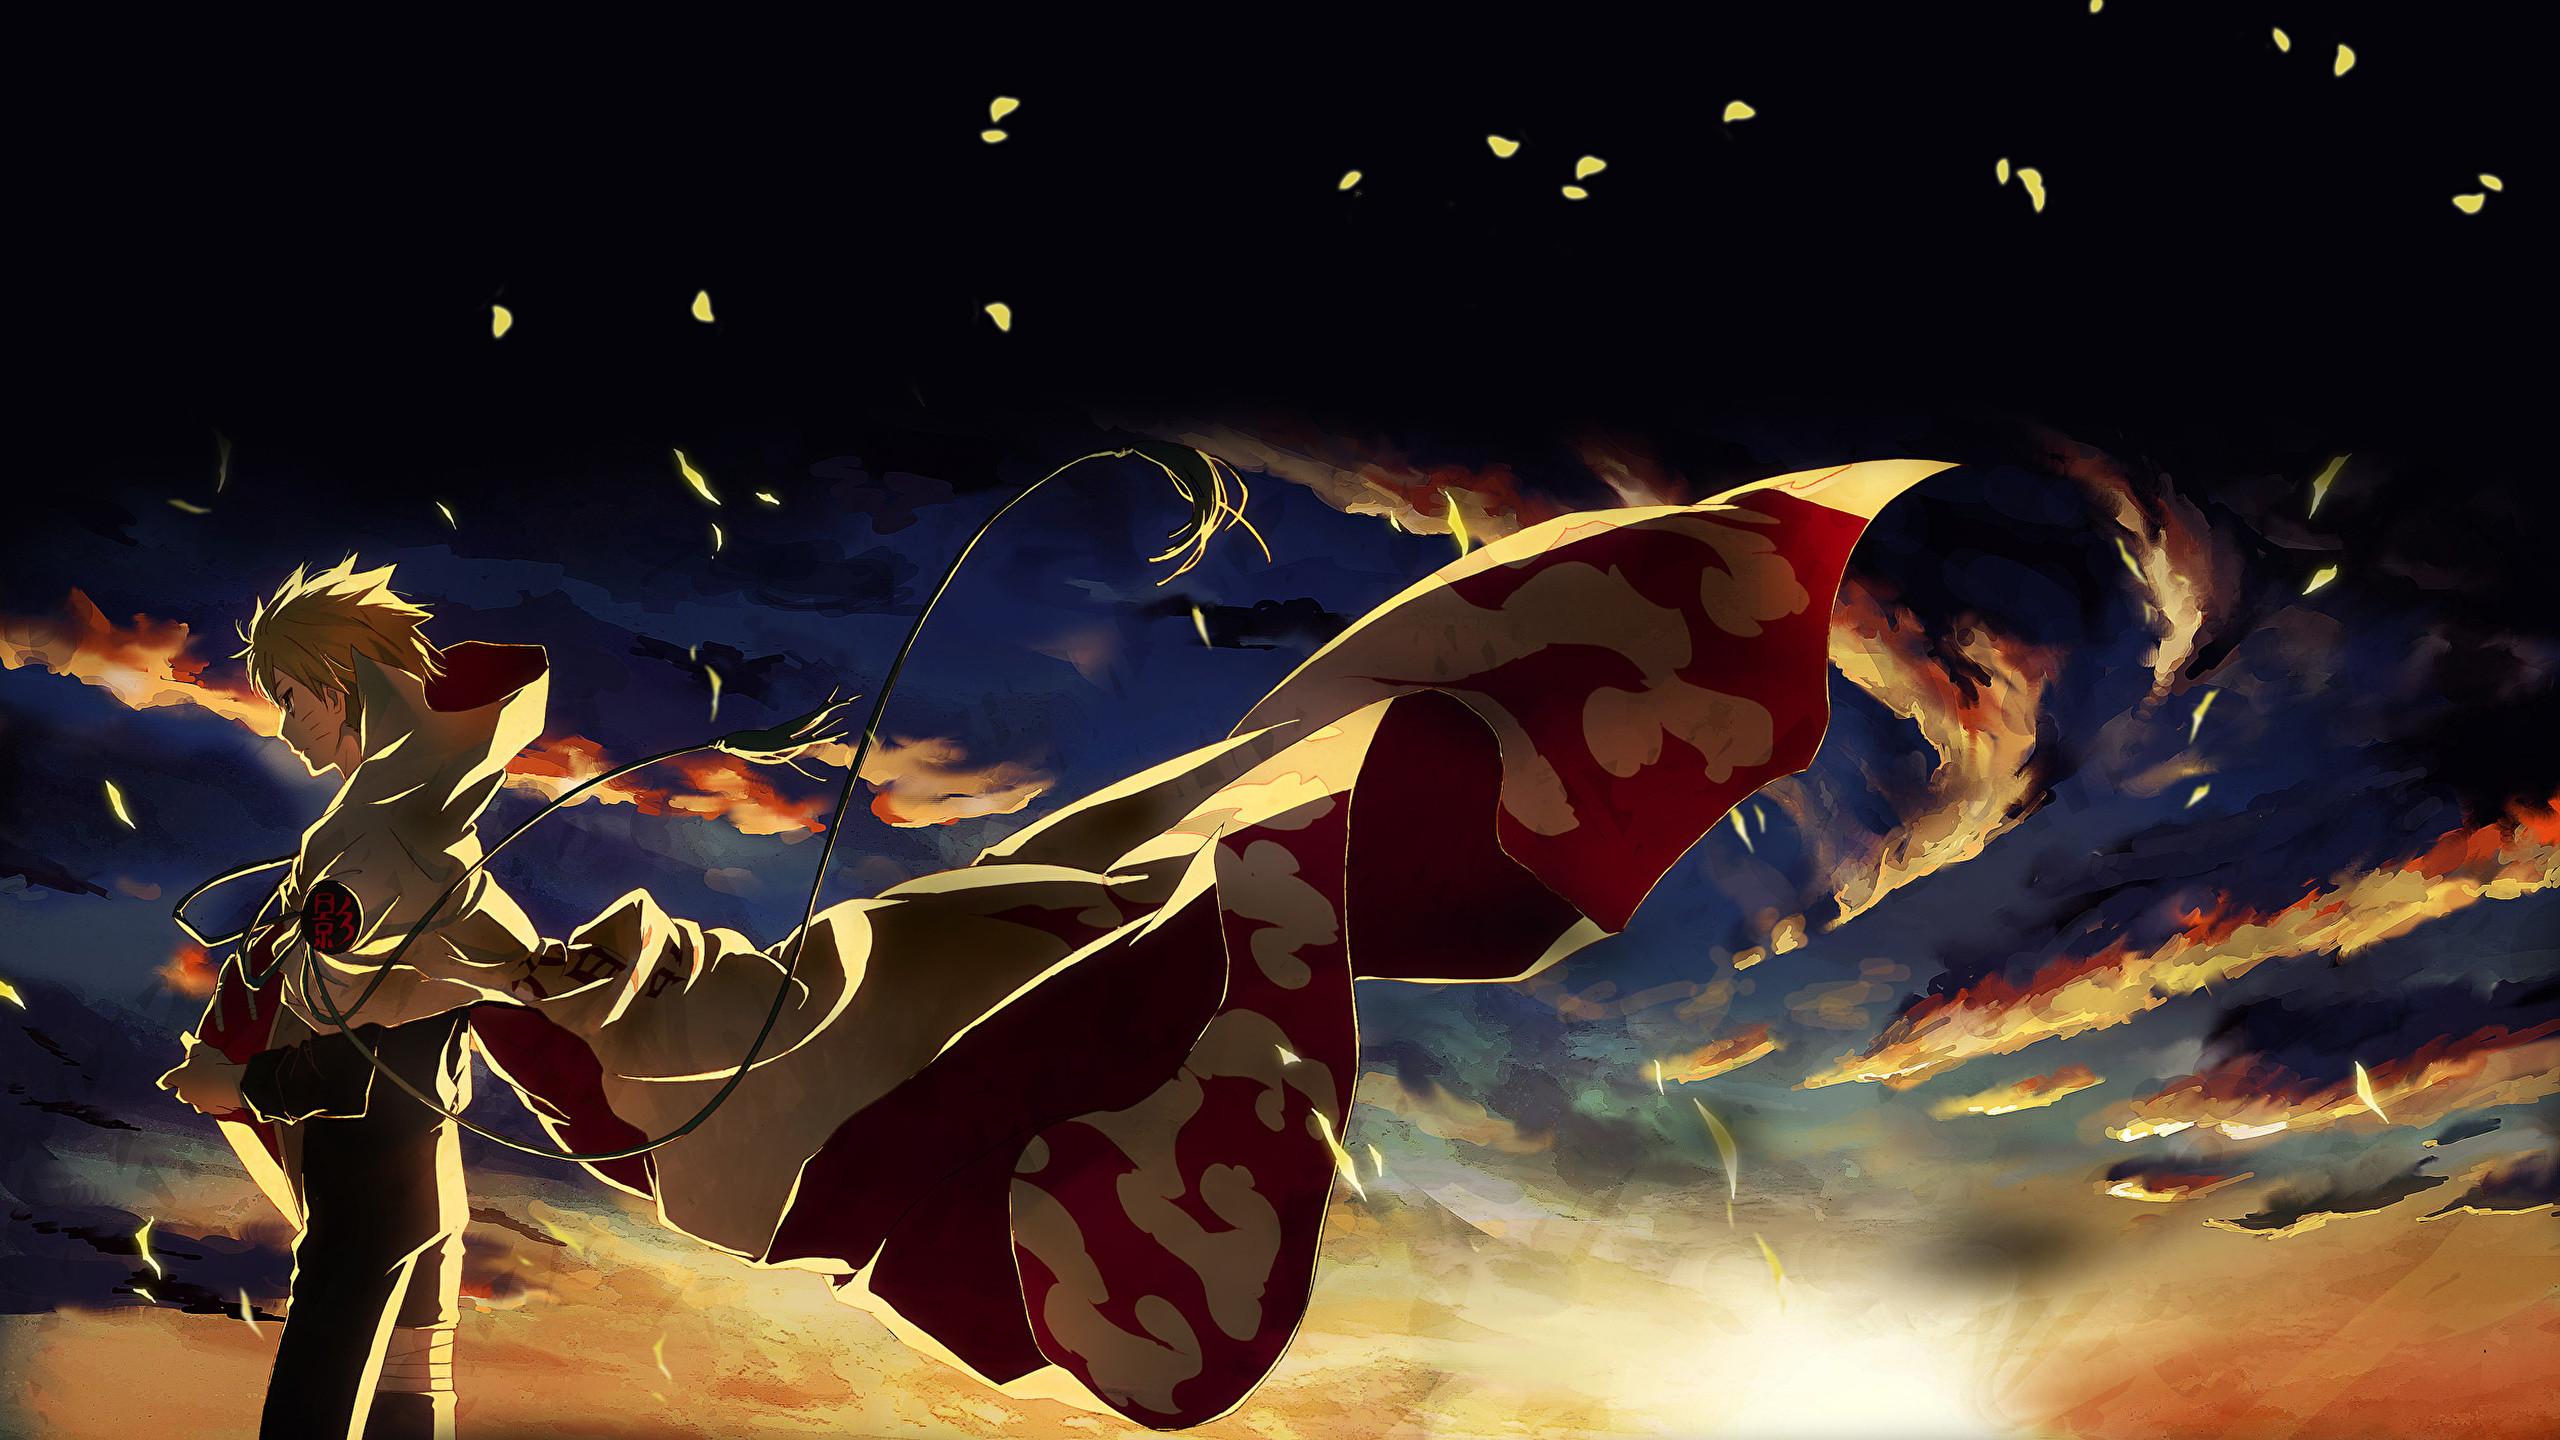 Wallpapers Naruto Young man Anime 2560×1440